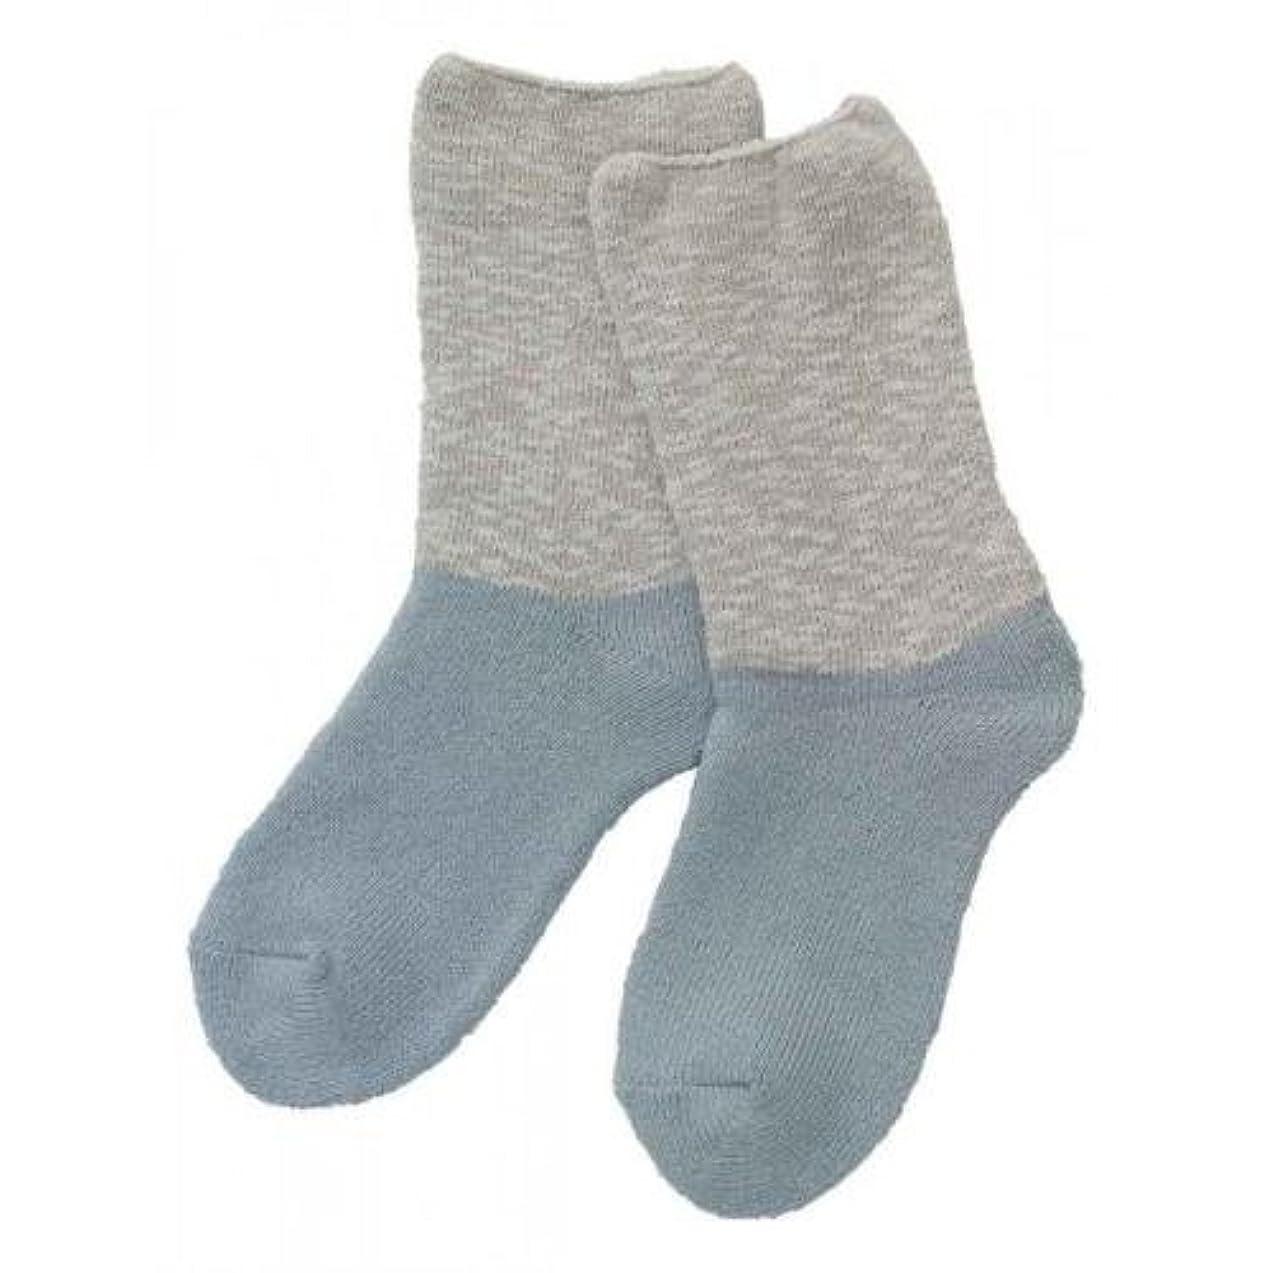 アルバムホーム穏やかなCarelance(ケアランス)お風呂上りのやさしい靴下 綿麻パイルで足先さわやか 8706CA-70 ブルー